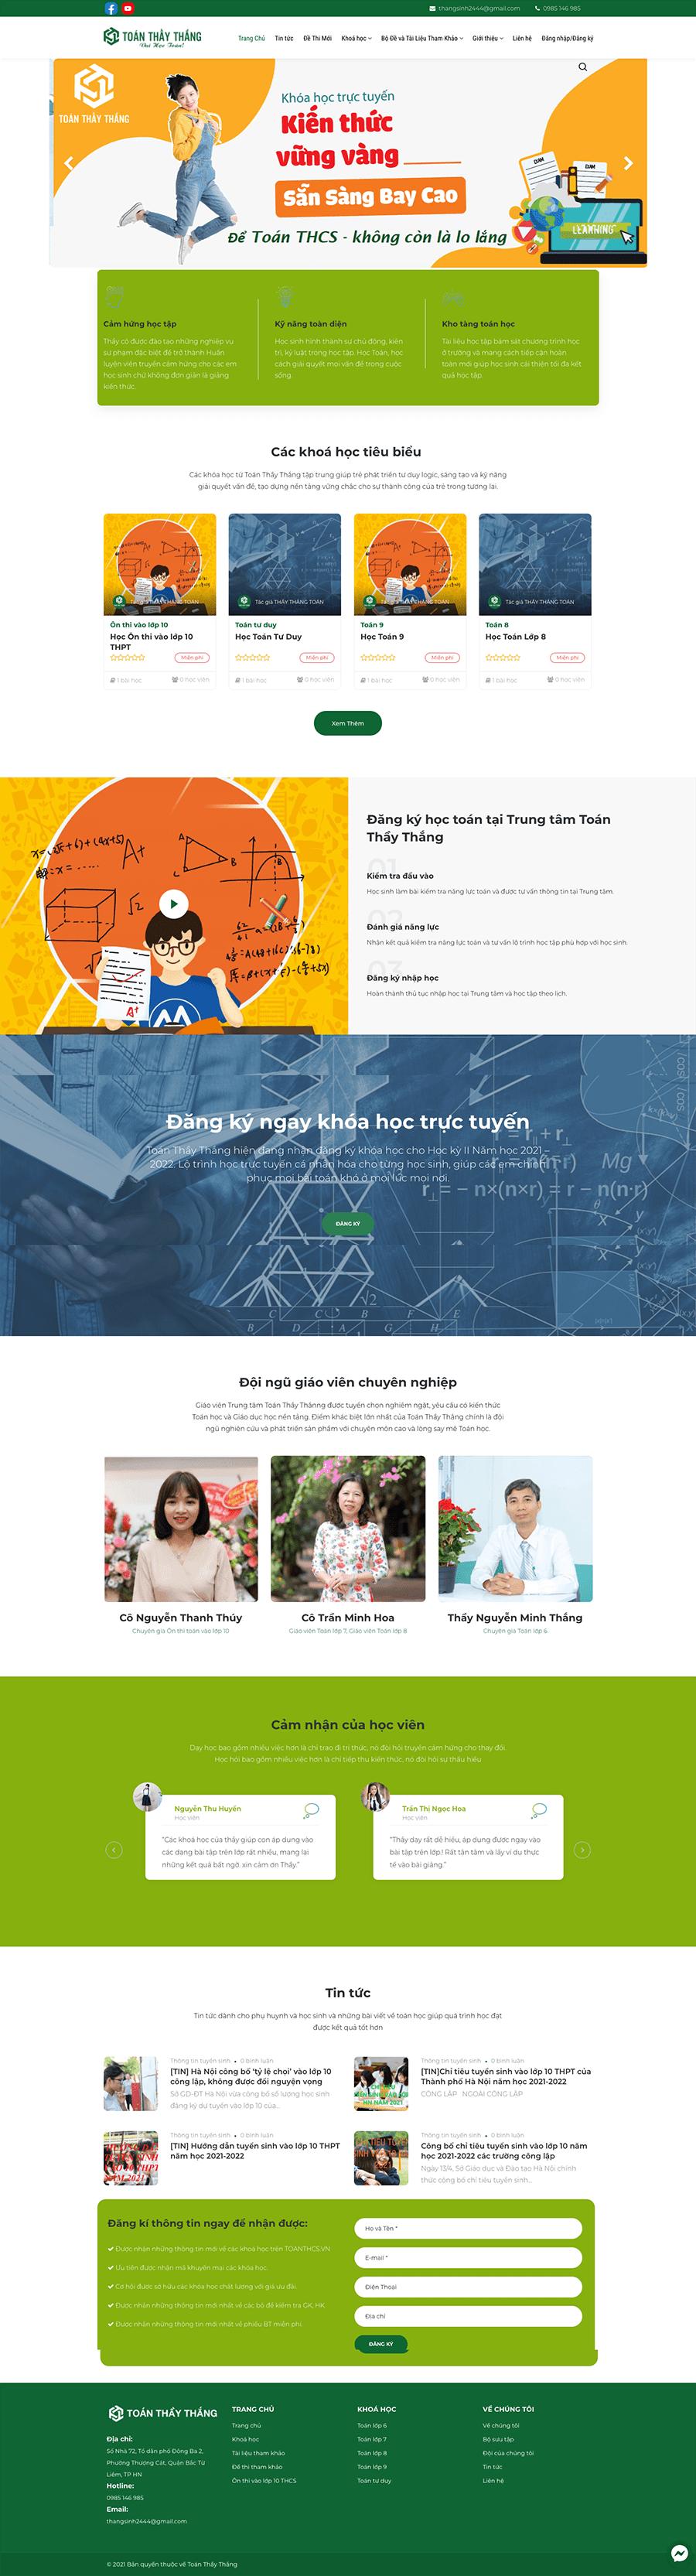 Dự án Hệ thống giảng dạy toán trực tuyến – Toán Thầy Thắng